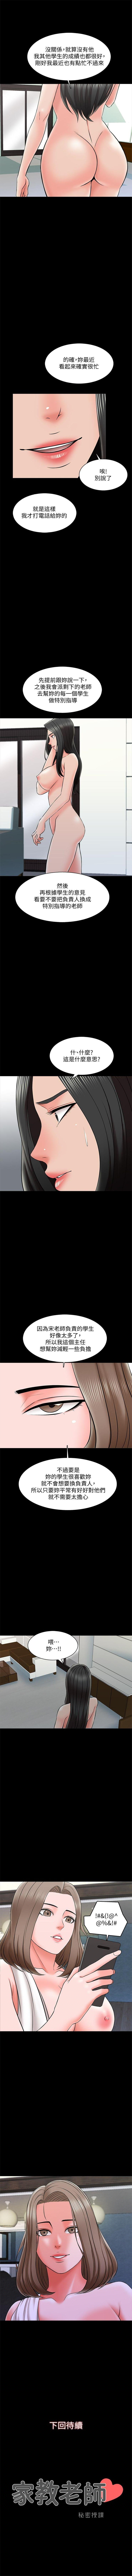 家教老師 1-42 官方中文(連載中) 165